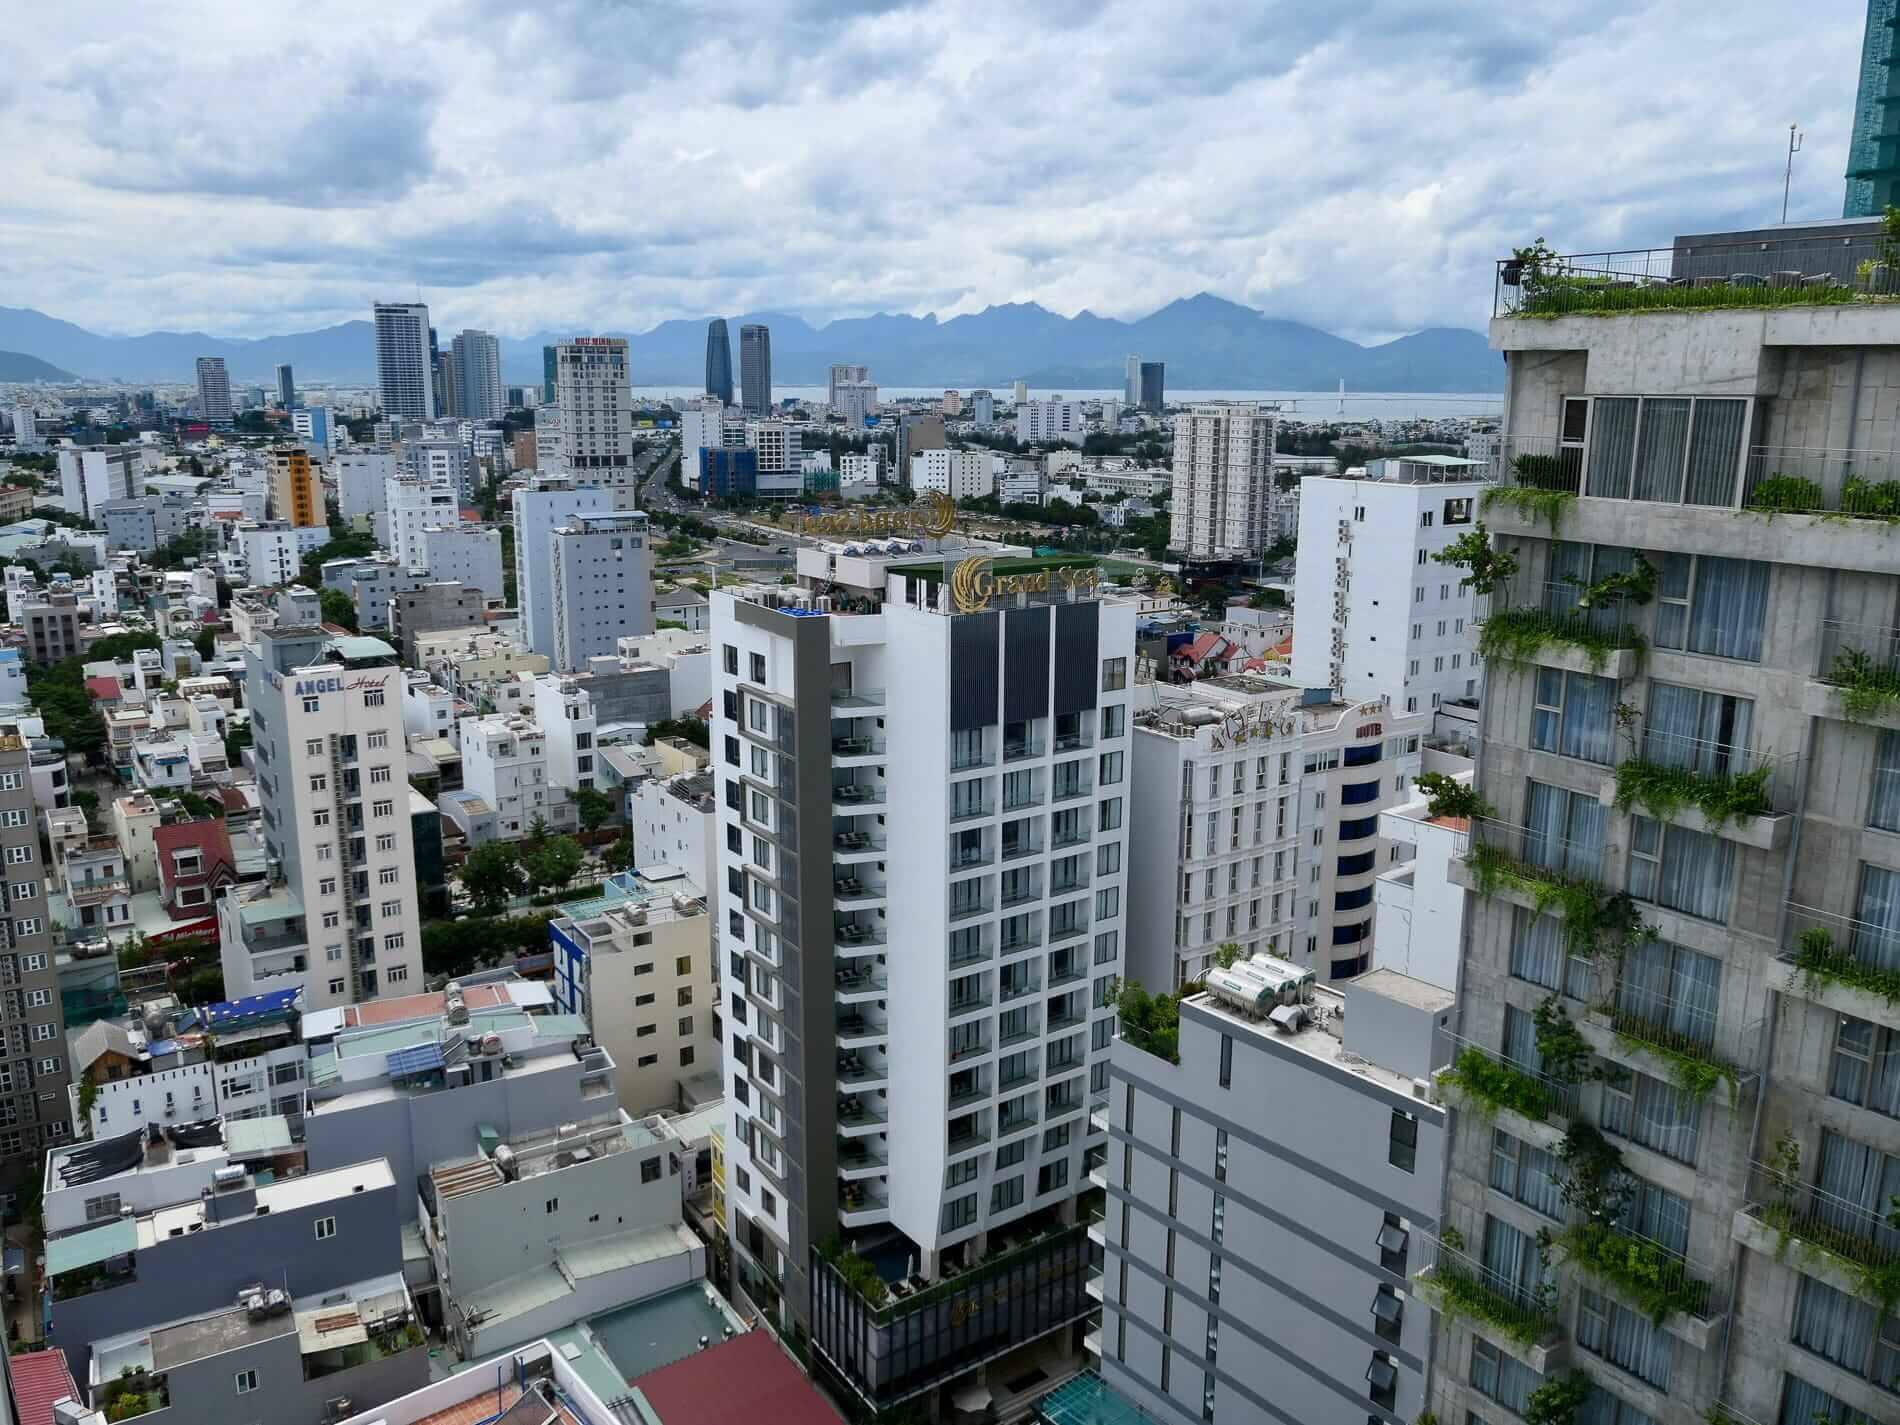 Da Nang's busy skyline